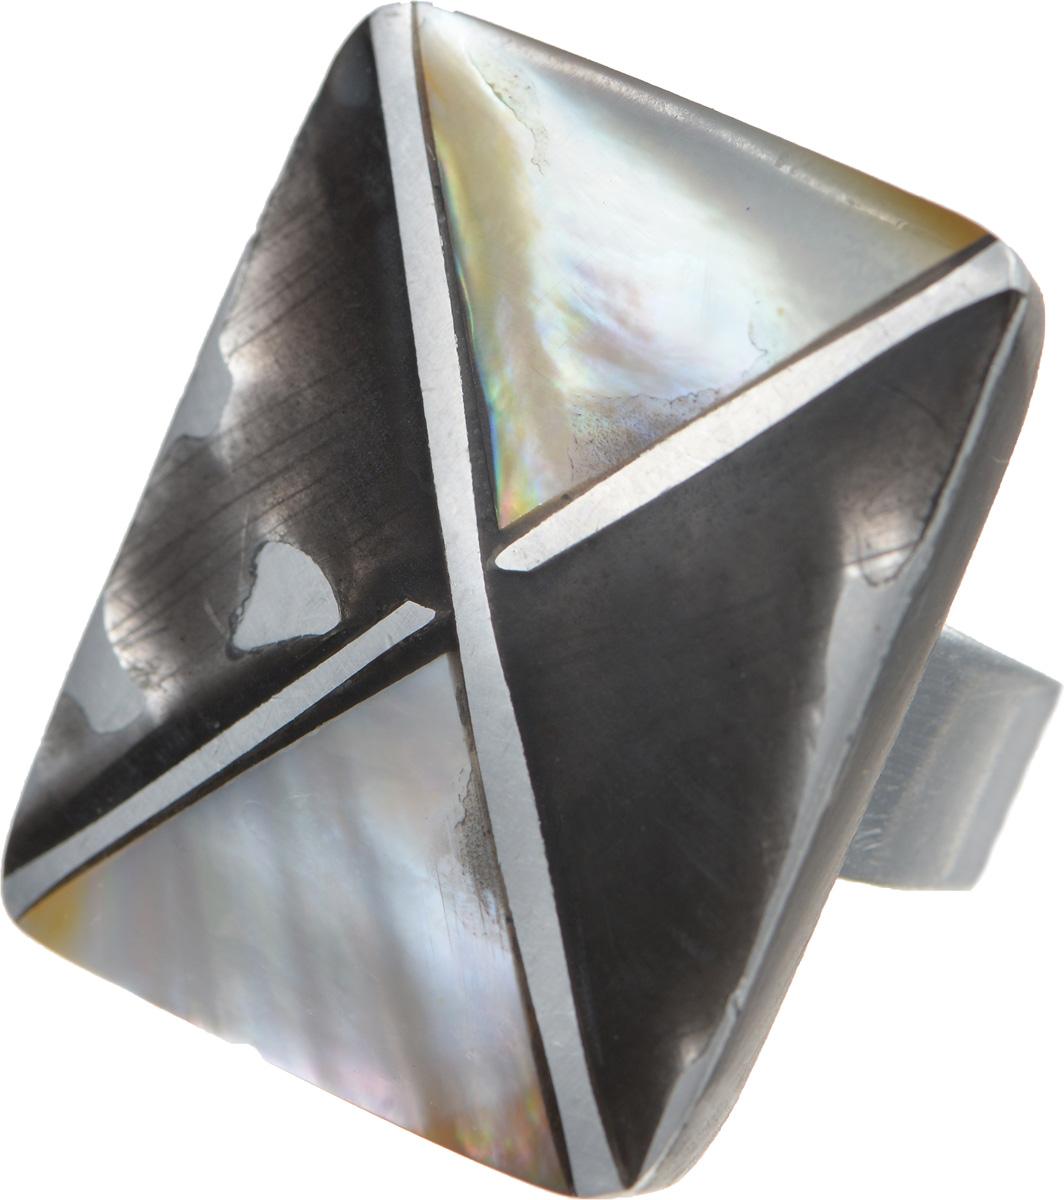 Кольцо Selena Mindora, цвет: серый, черный. 6002041060020410Оригинальное кольцо Selena Mindora изготовлено из металла с родиевым покрытием. Изделие оформлено декоративным элементом прямоугольной формы, выполненным из пальмового дерева и ракушки. Кольцо регулируется по размеру. Это необычное украшение внесет изюминку в ваш модный образ, а также позволит выделиться среди окружающих.